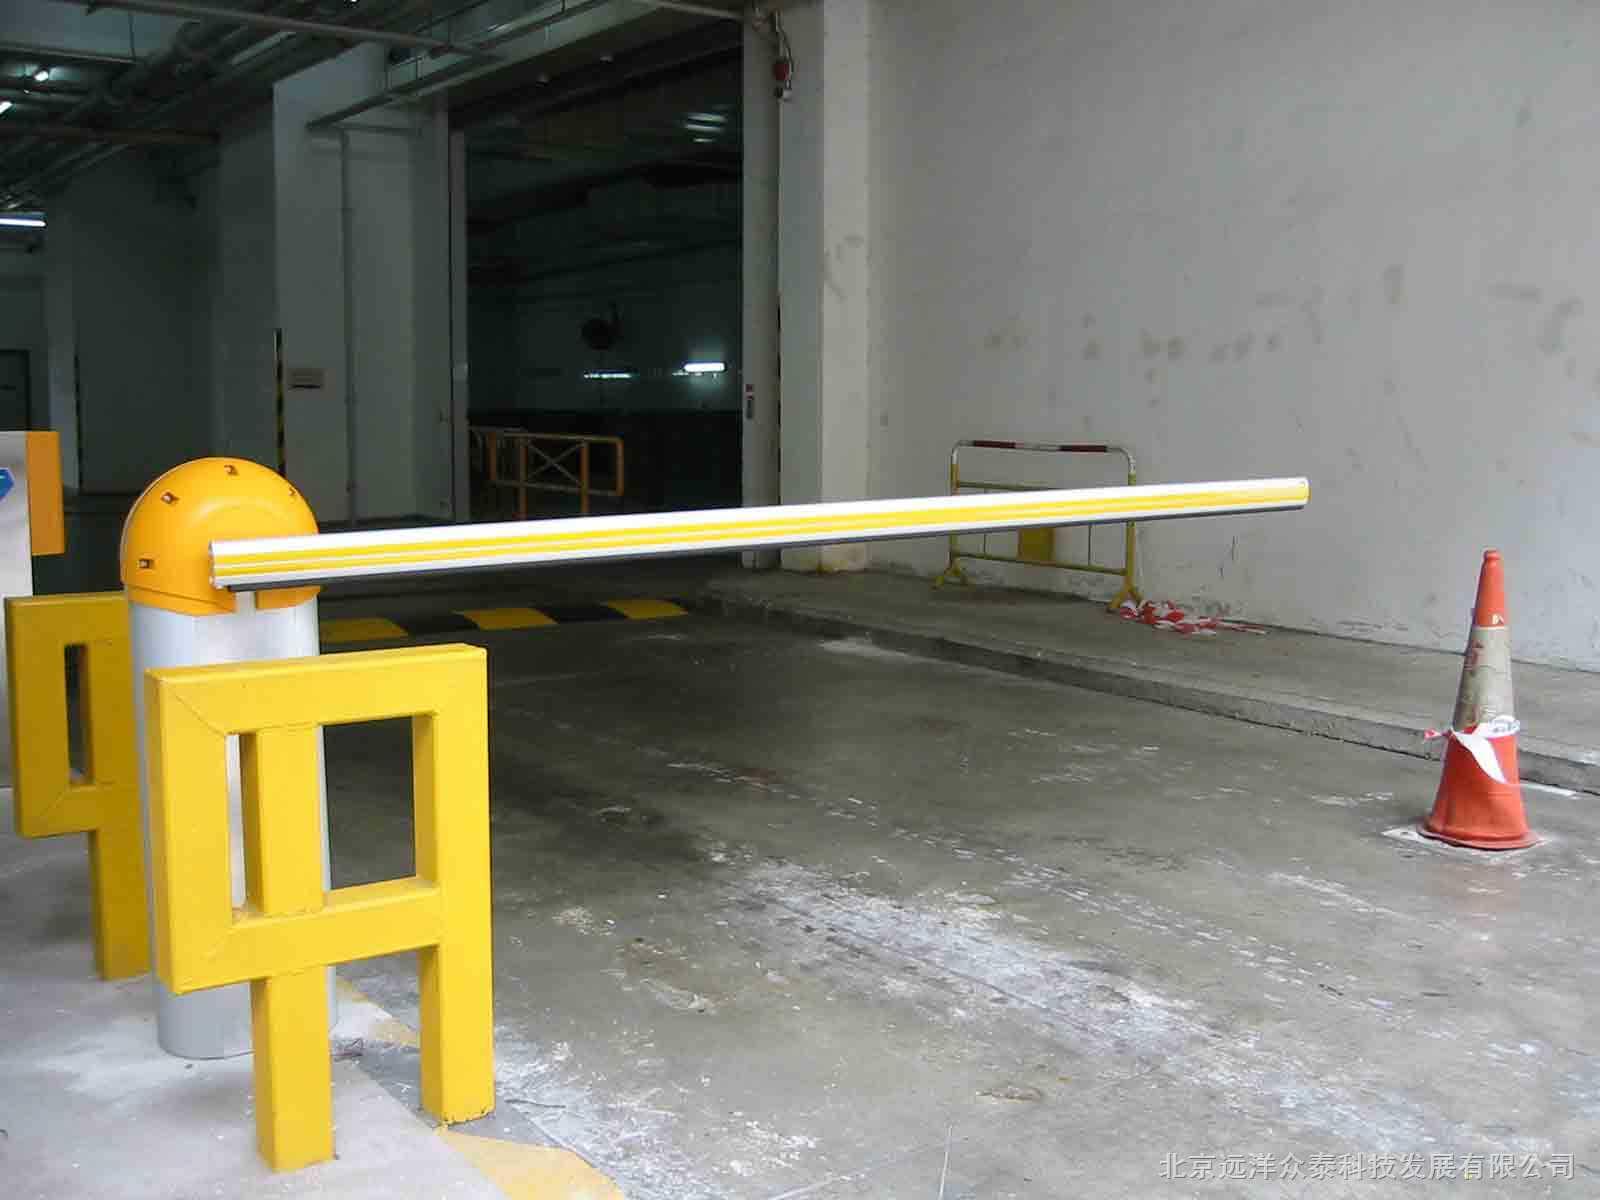 分为机箱,机芯,控制器,栏杆臂四个部分.1.